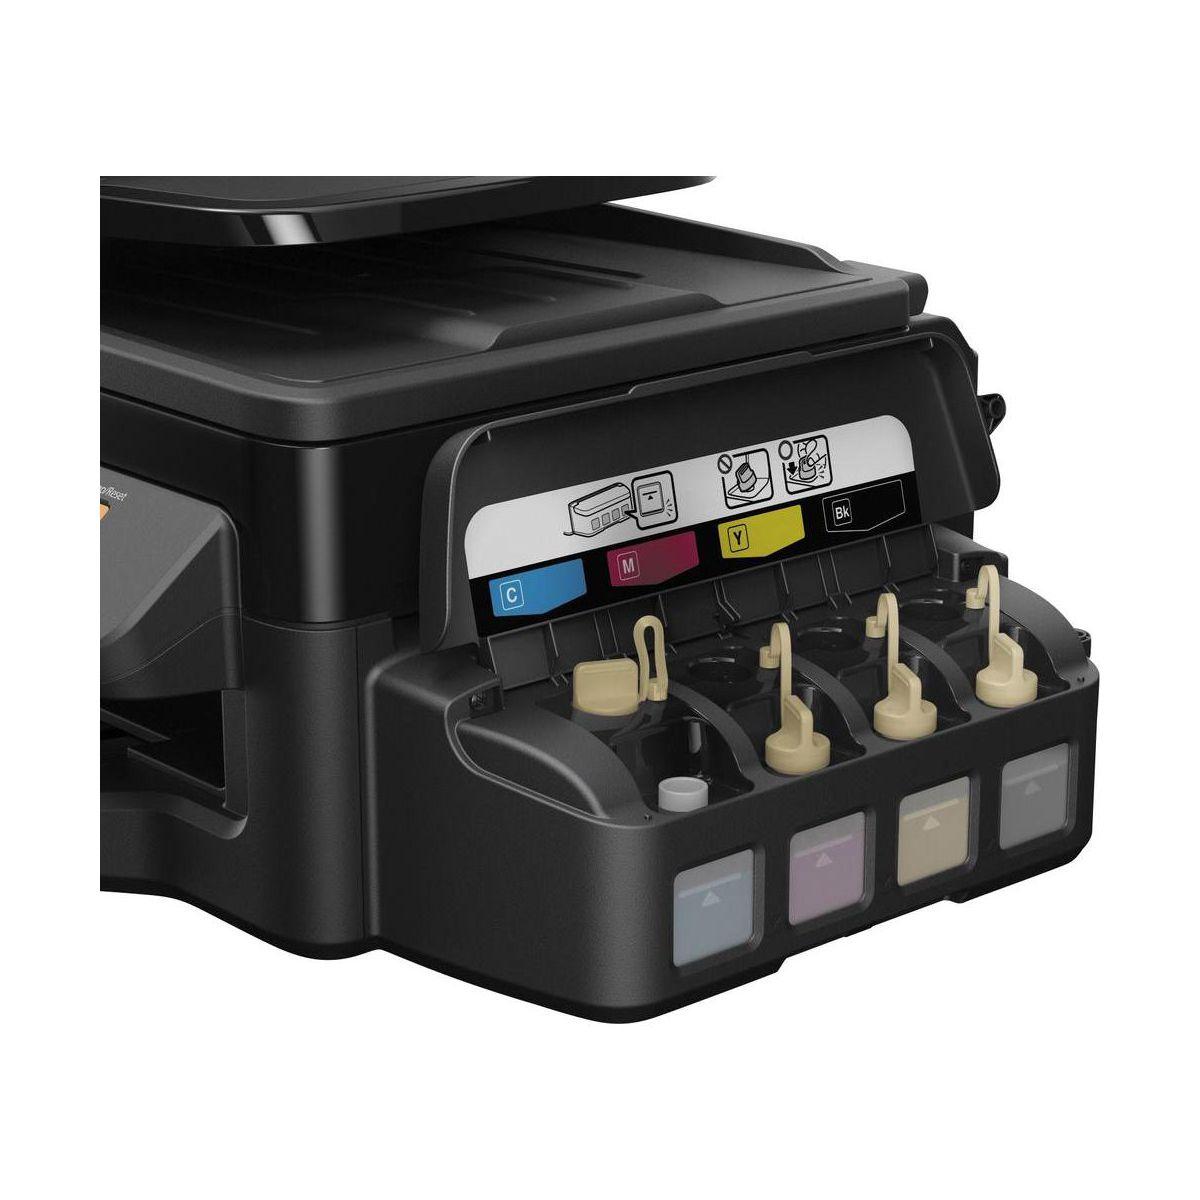 Imprimante jet d'encre epson ecotank et-4500 - livraison ...